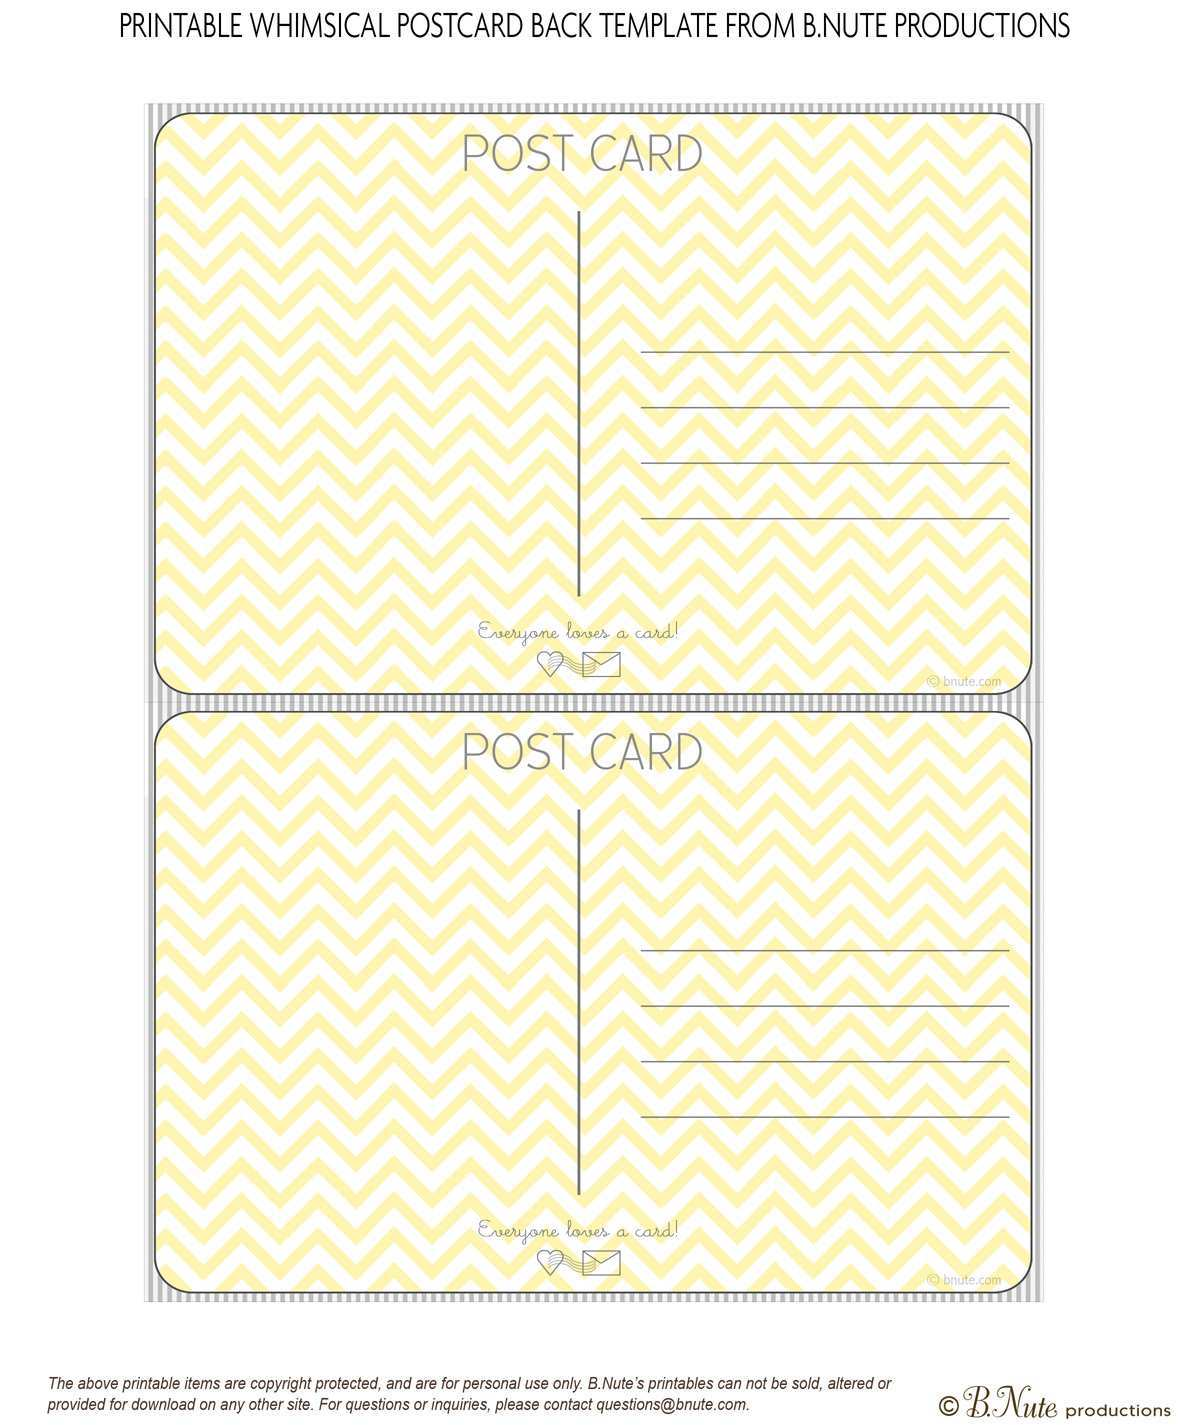 40 Adding Template Of Postcard Free Printable Formating for Template Of Postcard Free Printable